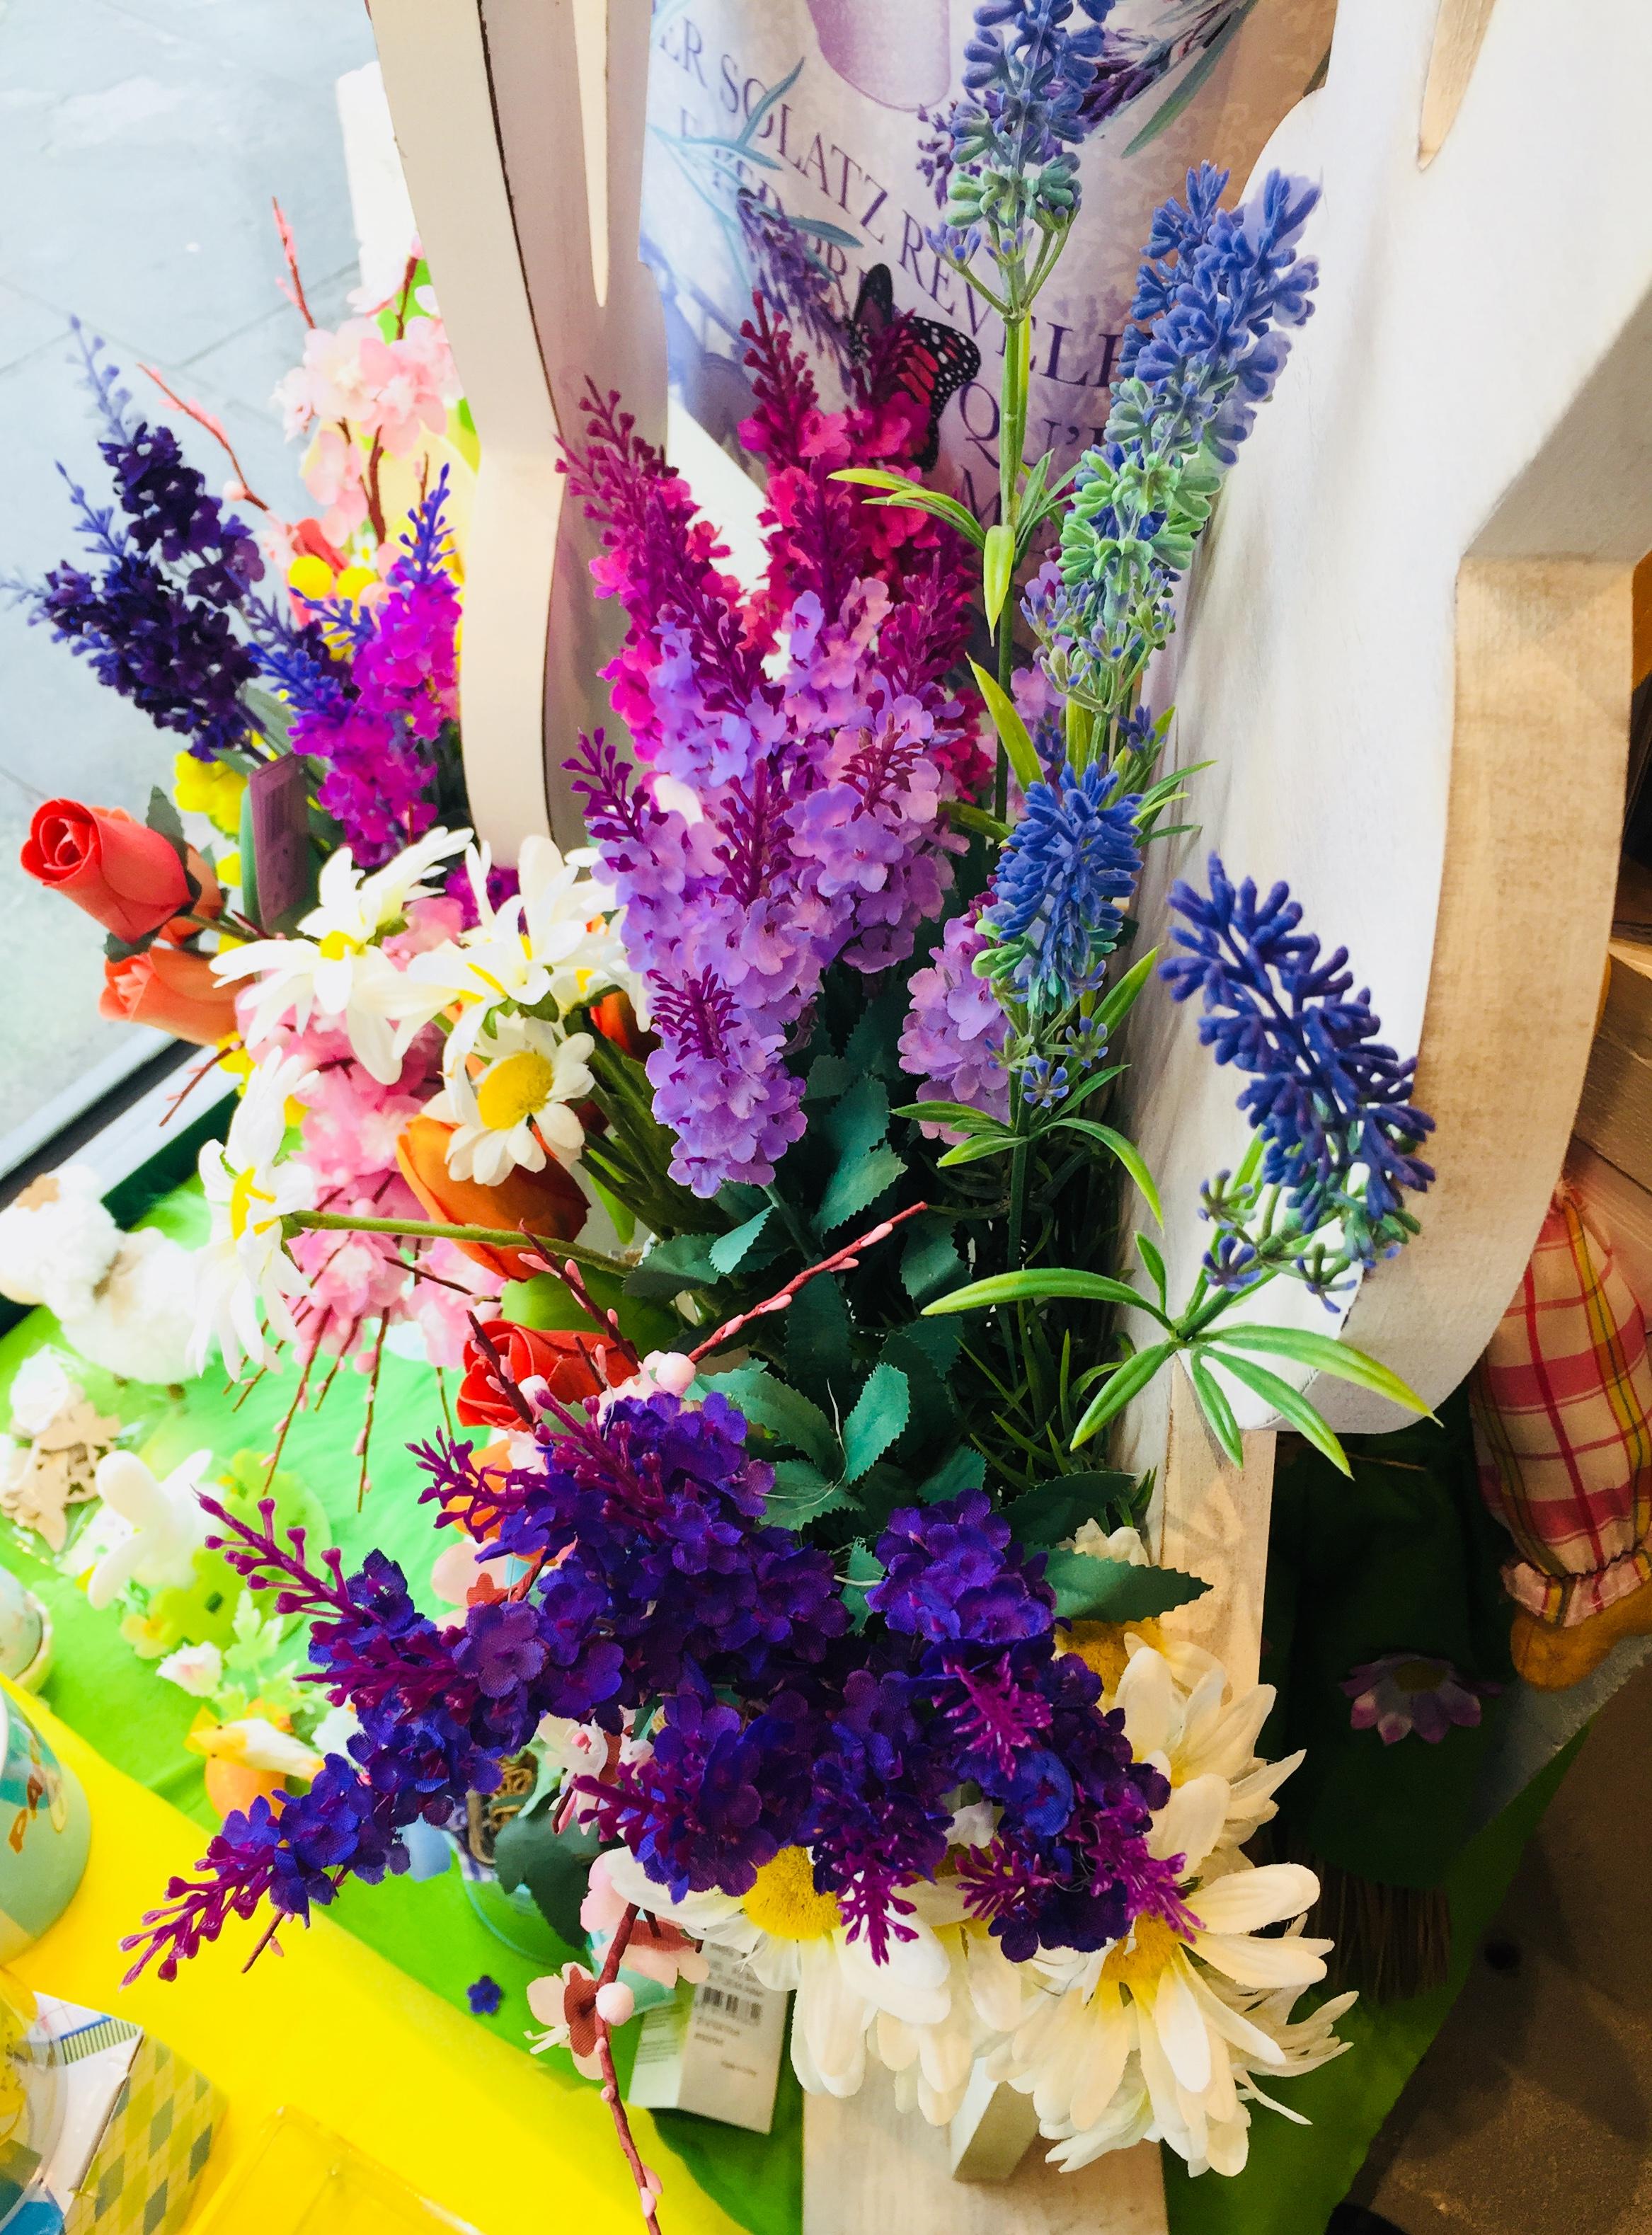 Immagini Piante E Fiori fiori e piante primaverili – la matricola